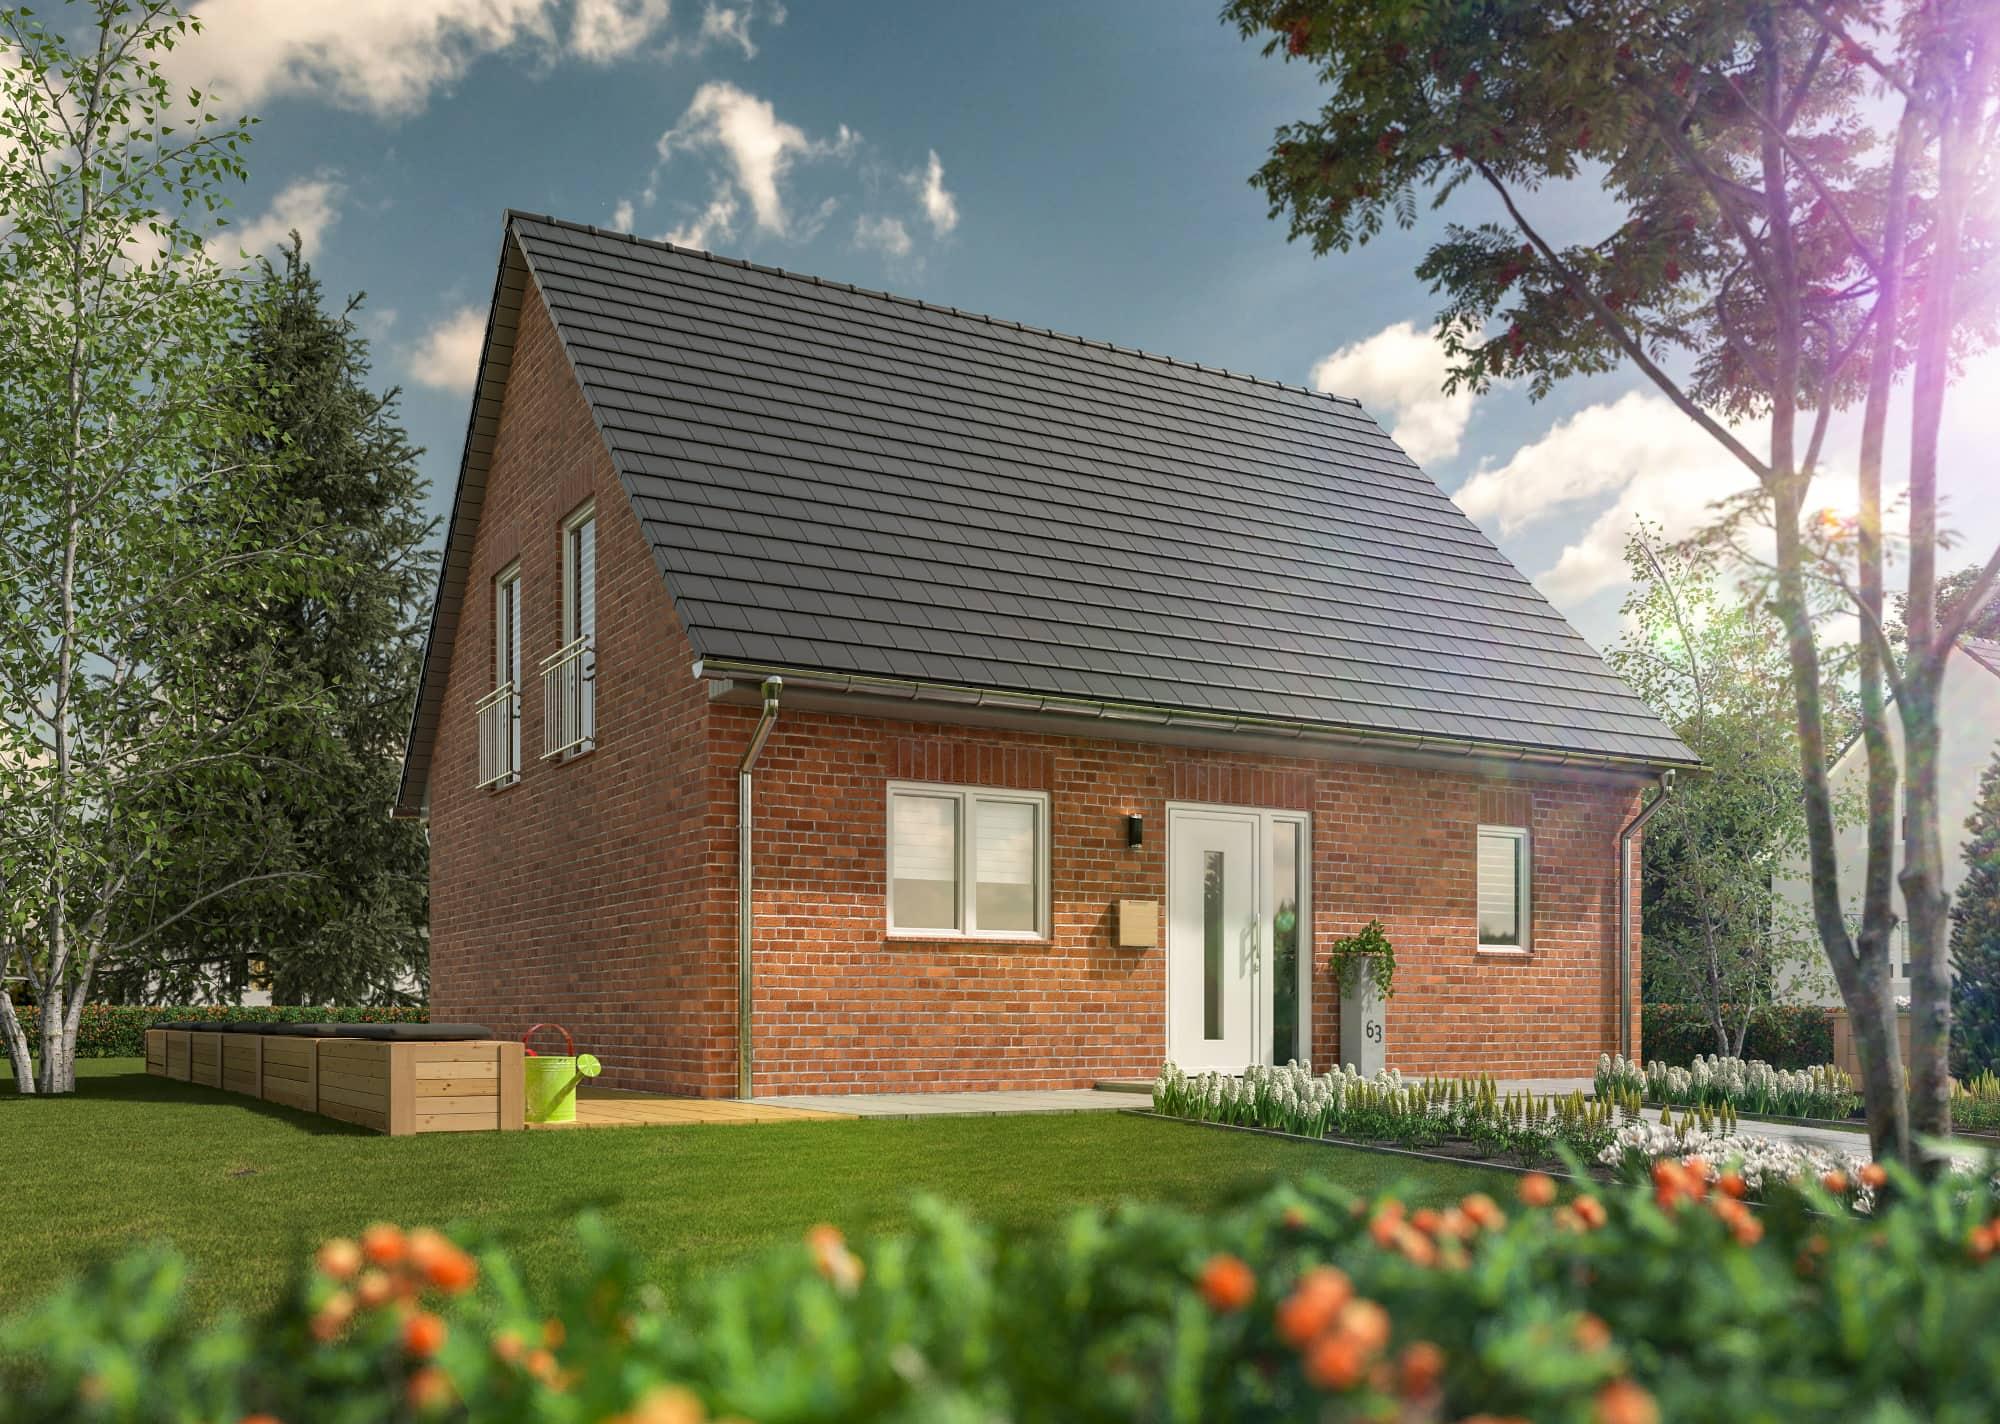 Einfamilienhaus Neubau klassisch mit Klinker Fassade & Satteldach, 6 Zimmer, 130 qm - Massivhaus bauen Ideen Town Country Haus FLAIR 134 - HausbauDirekt.de